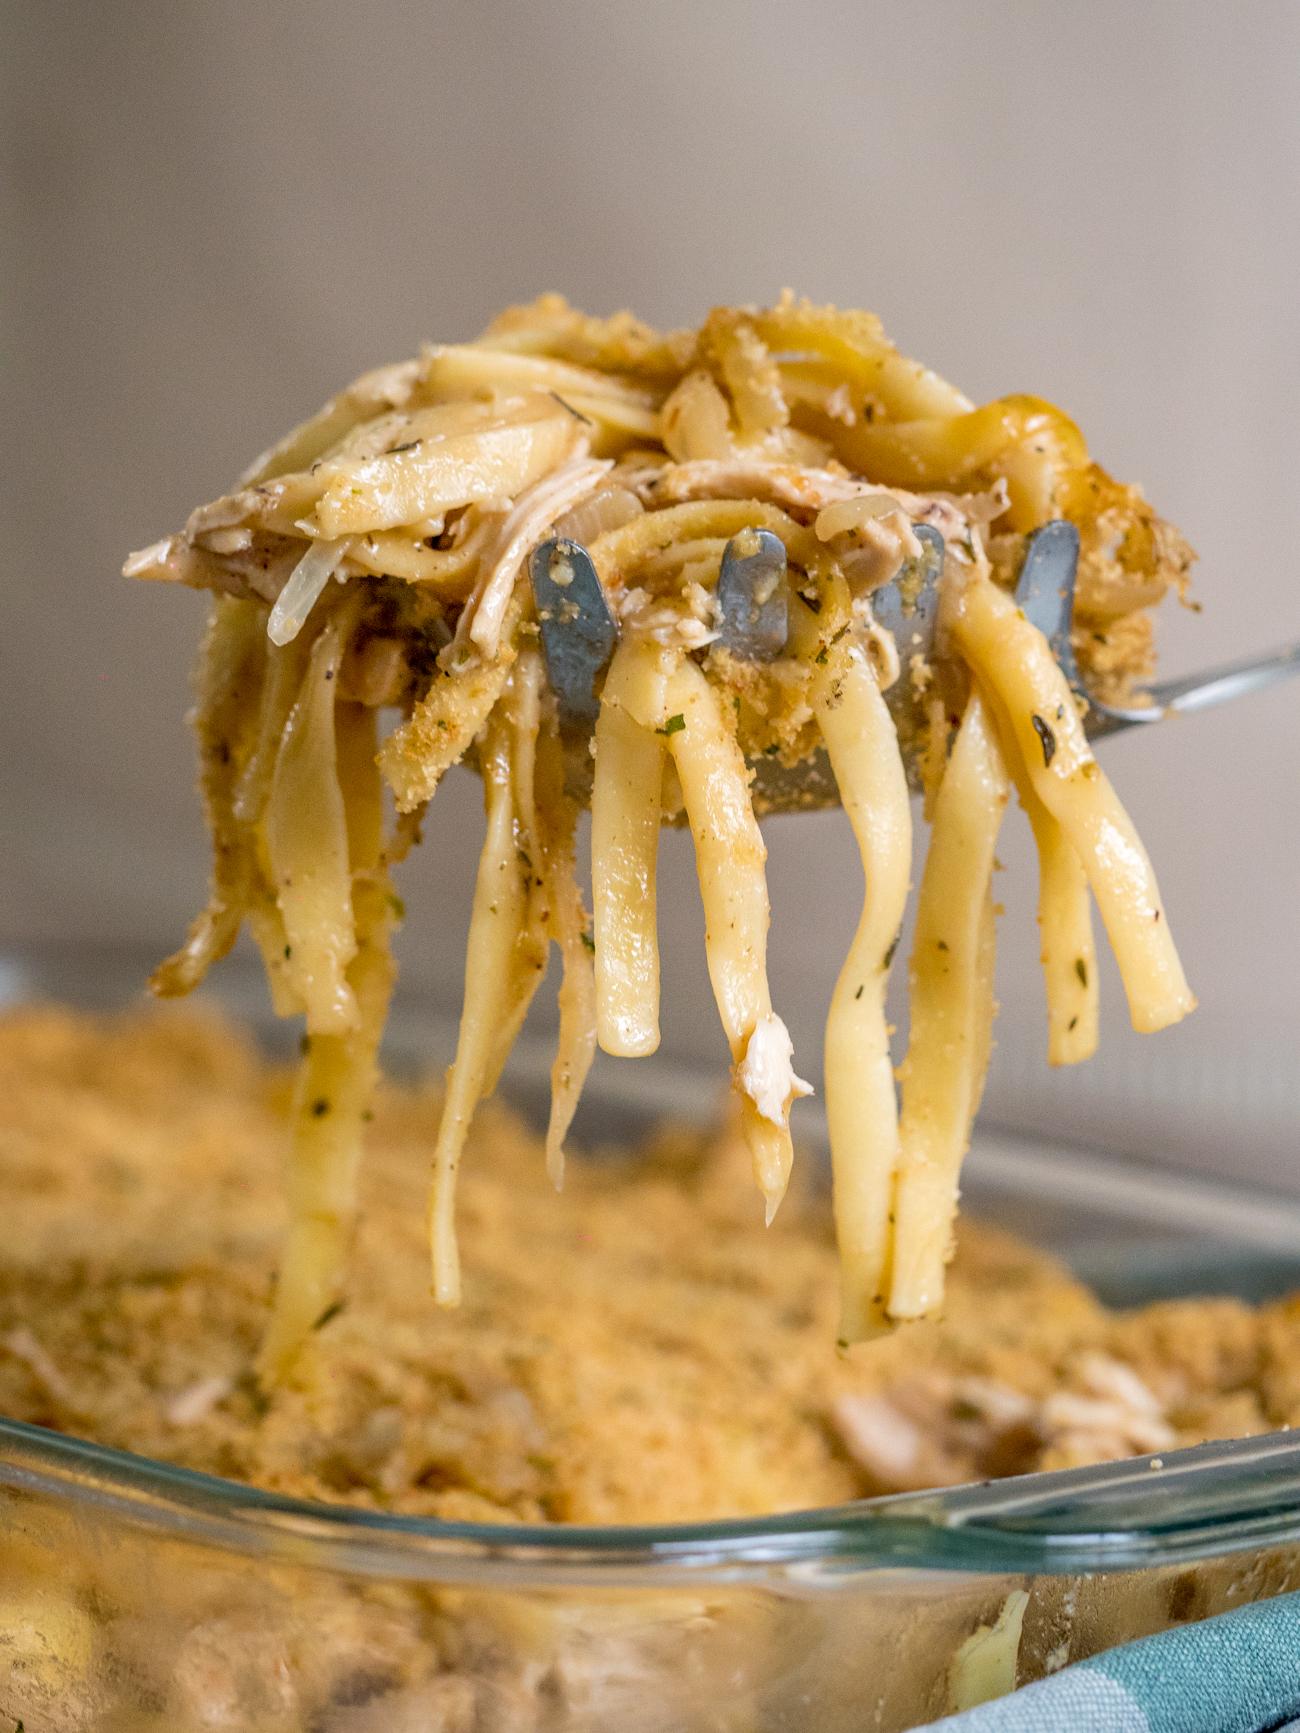 French Onion Chicken Pasta Casserole Vertical 1